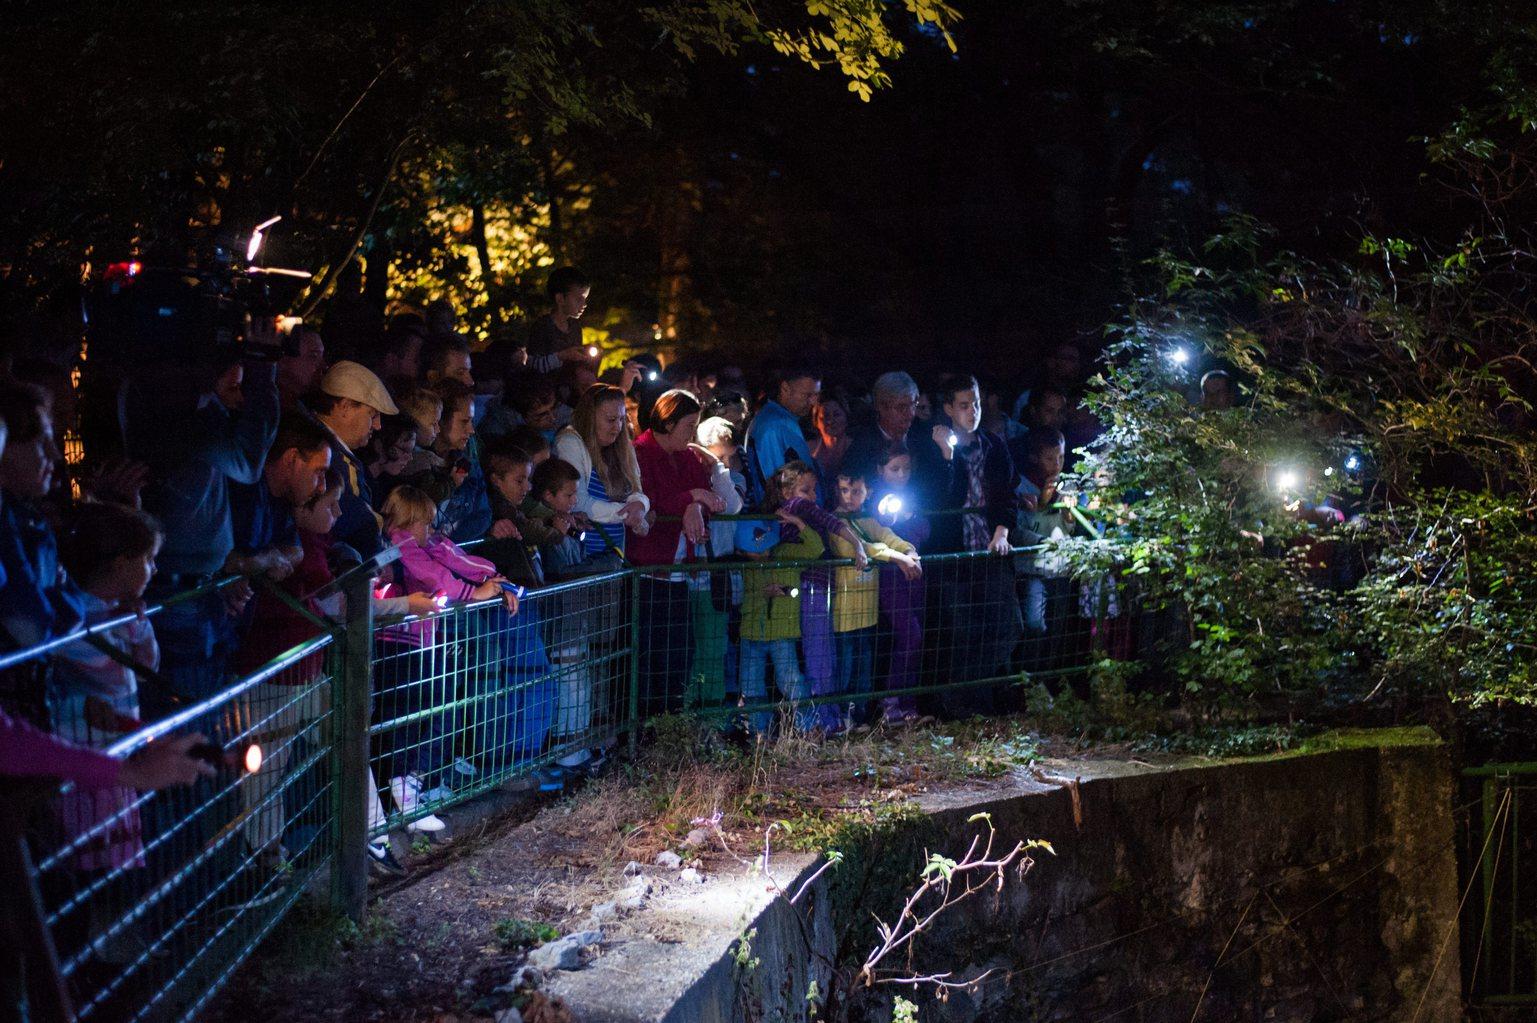 Látogatók a pécsi állatkertben az állatkertek éjszakáján 2013. augusztus 30-án. MTI Fotó: Sóki Tamás